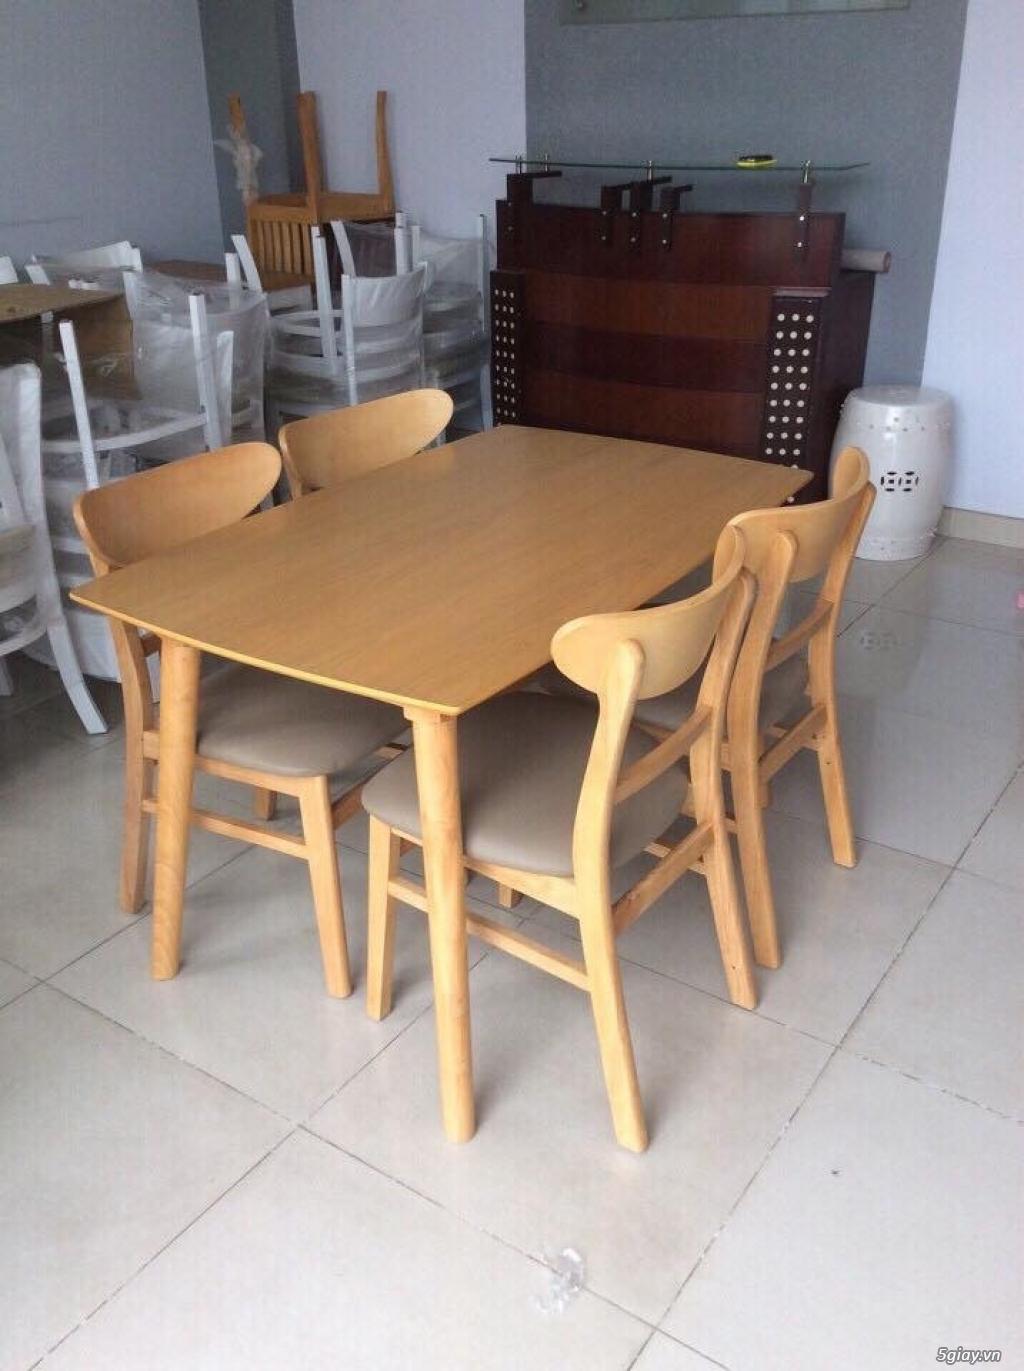 Nội Thất Tây Hưng Thịnh: Thanh lý giường tủ bàn ghế  bằng gỗ Sồi xuất khẩu Hàn Quốc - 1